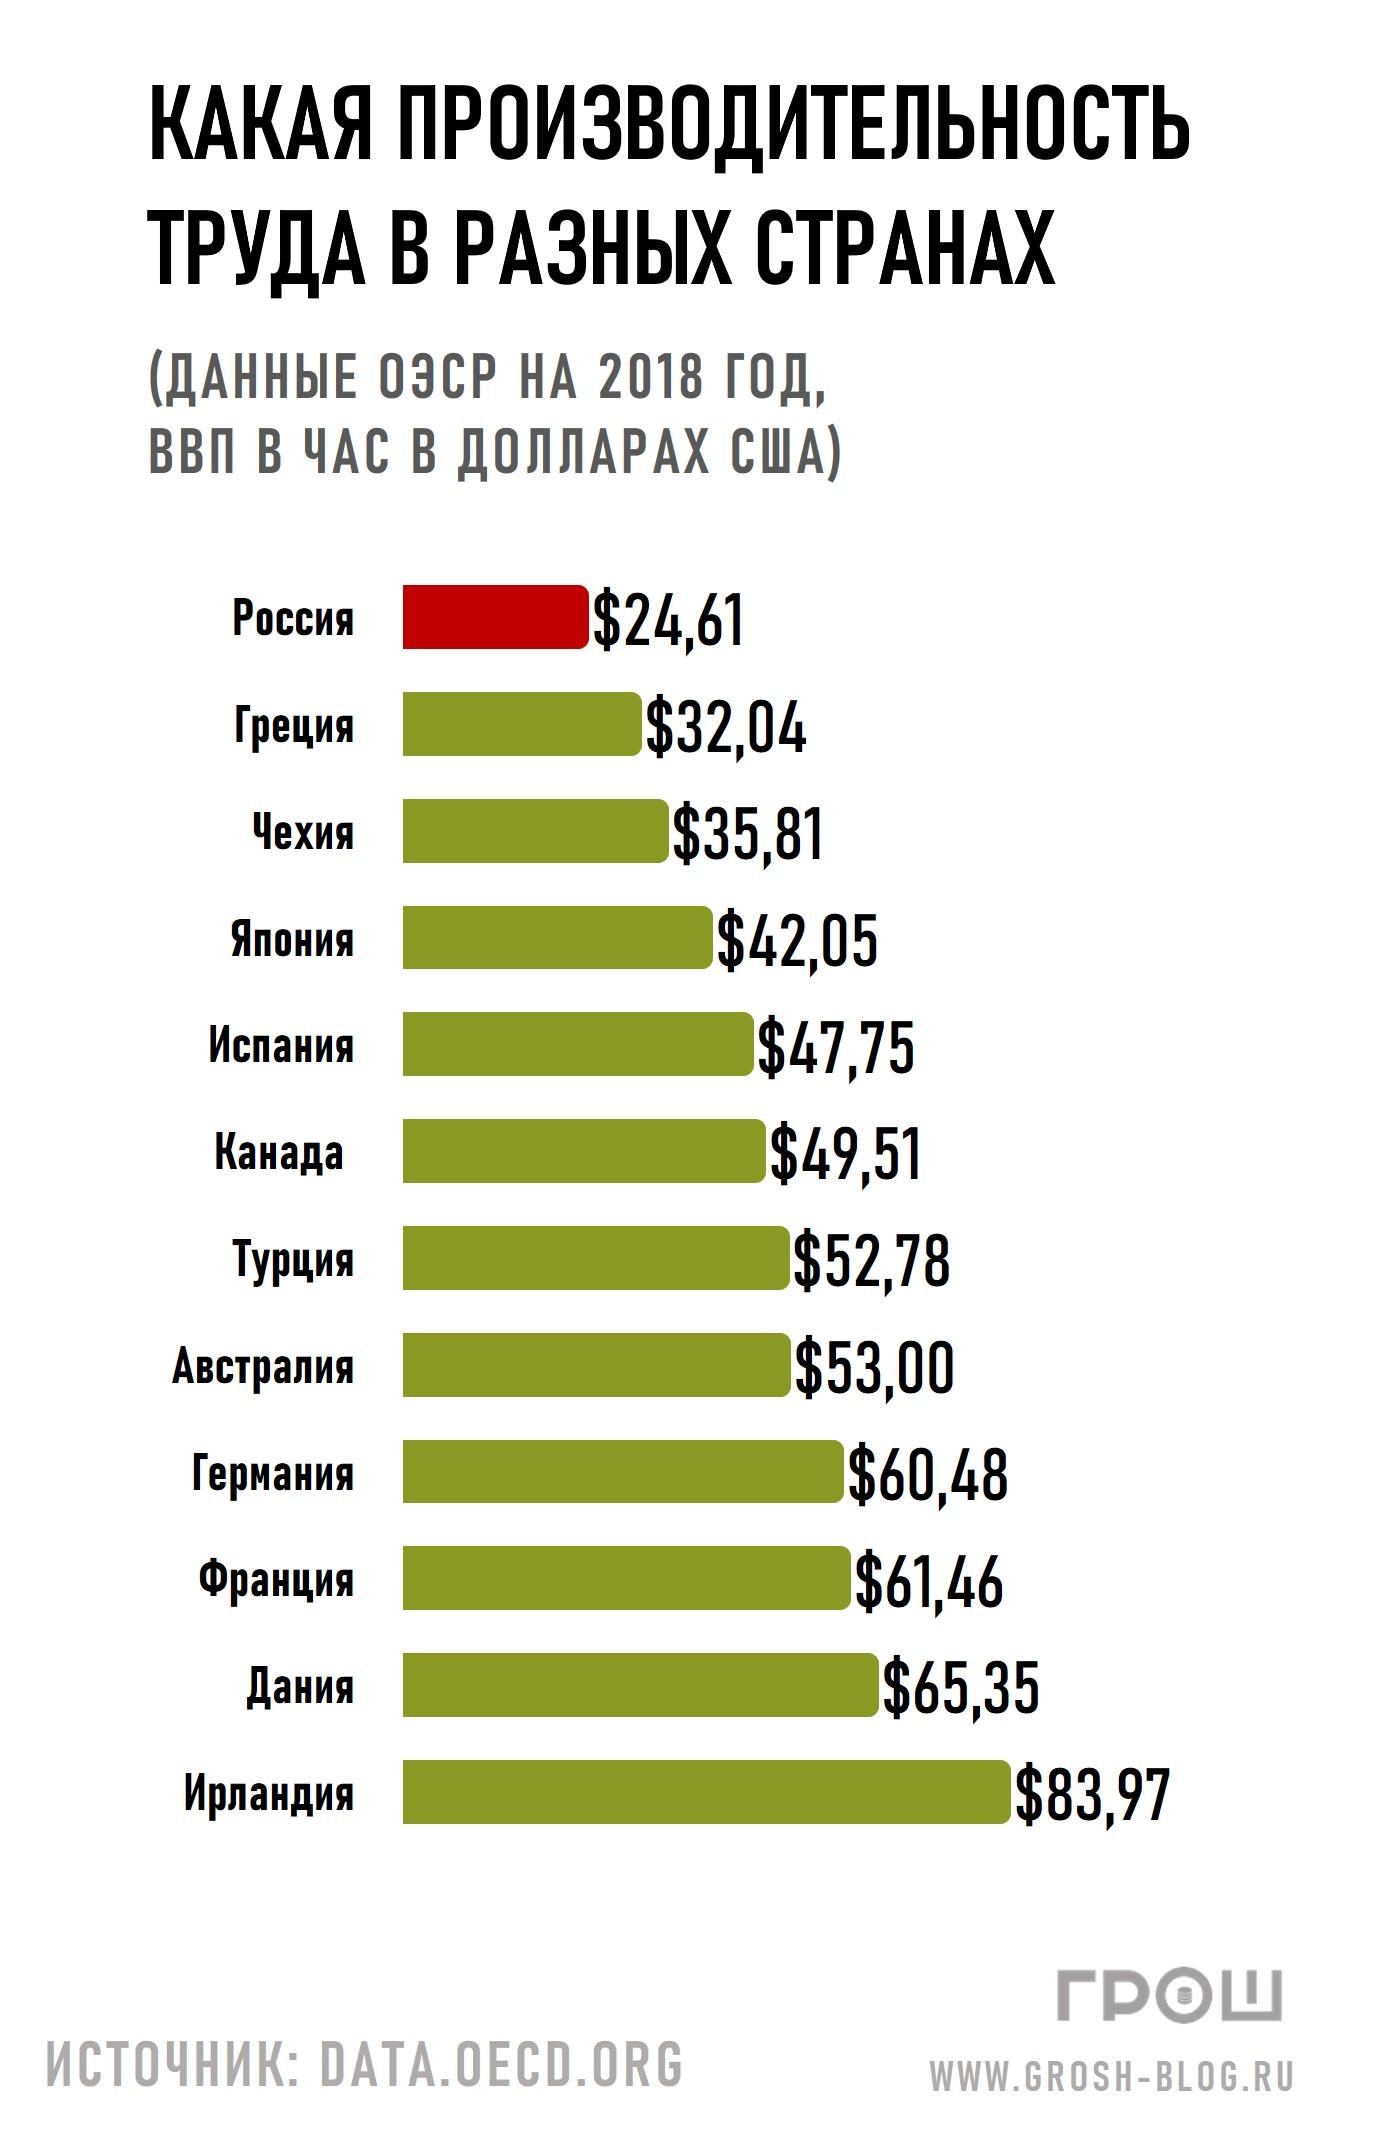 производительность труда в странах мира https://grosh-blog.ru